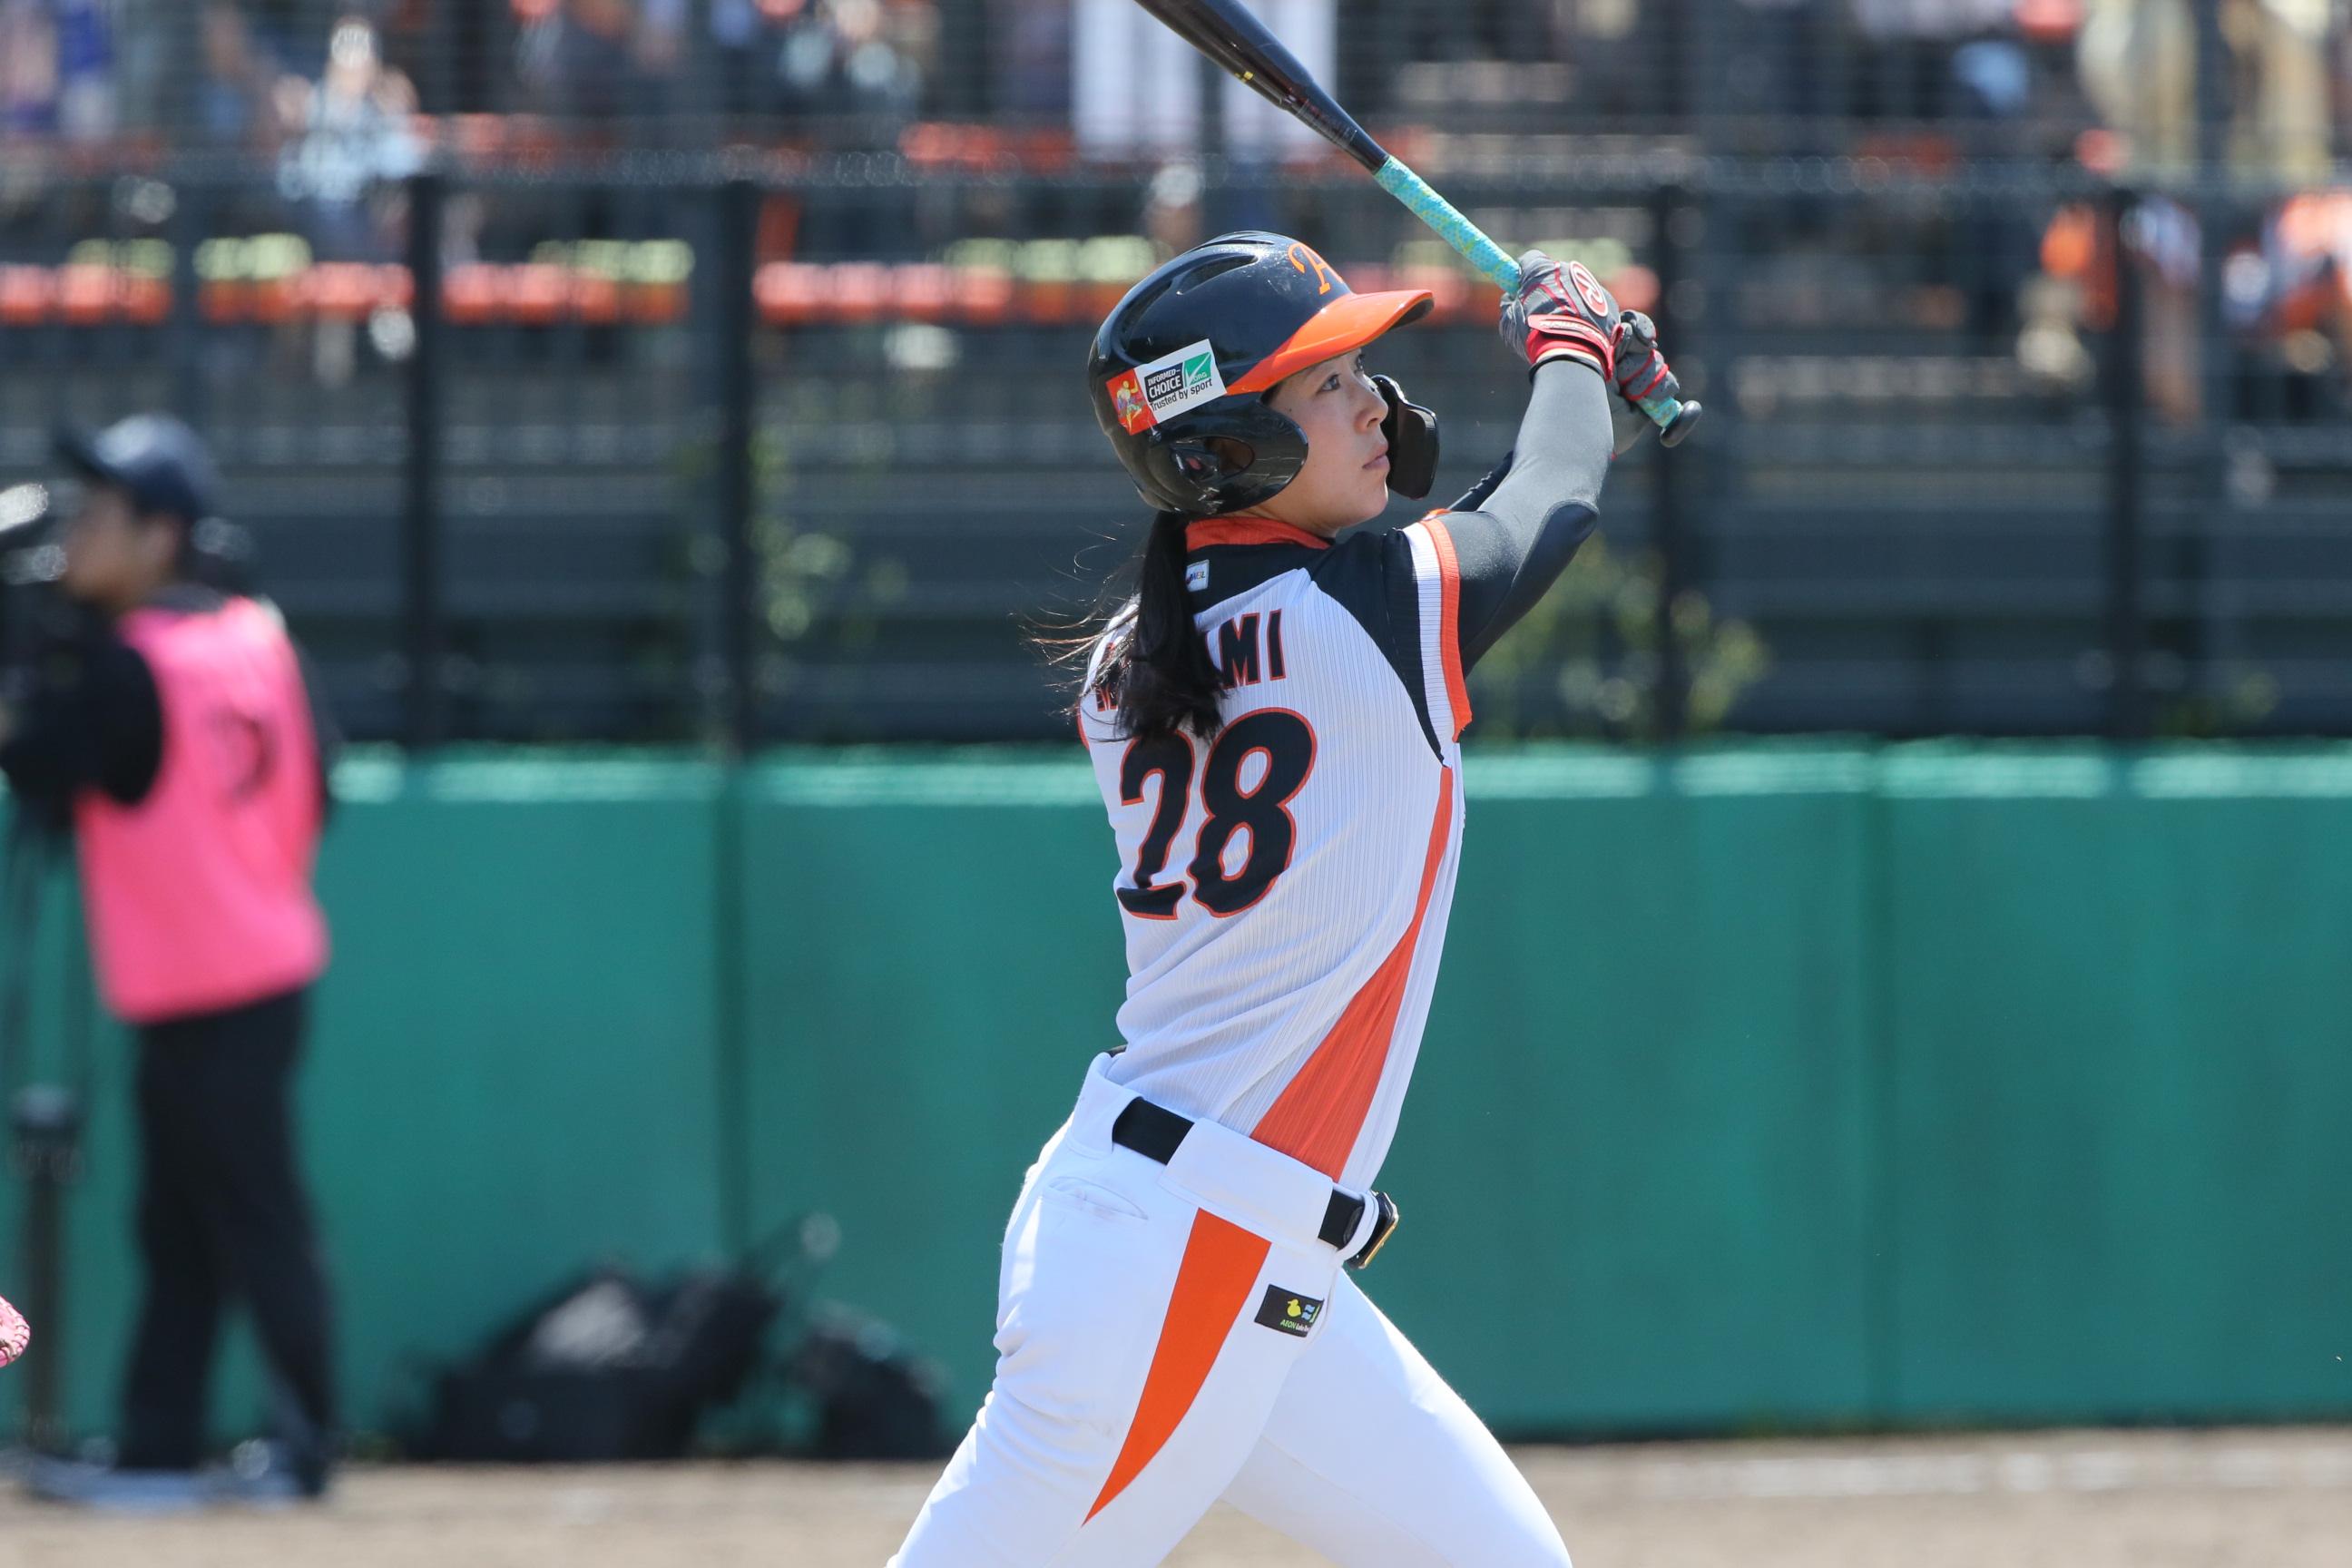 決勝打点みなみ (女子野球選手)本名は「高塚 南海」